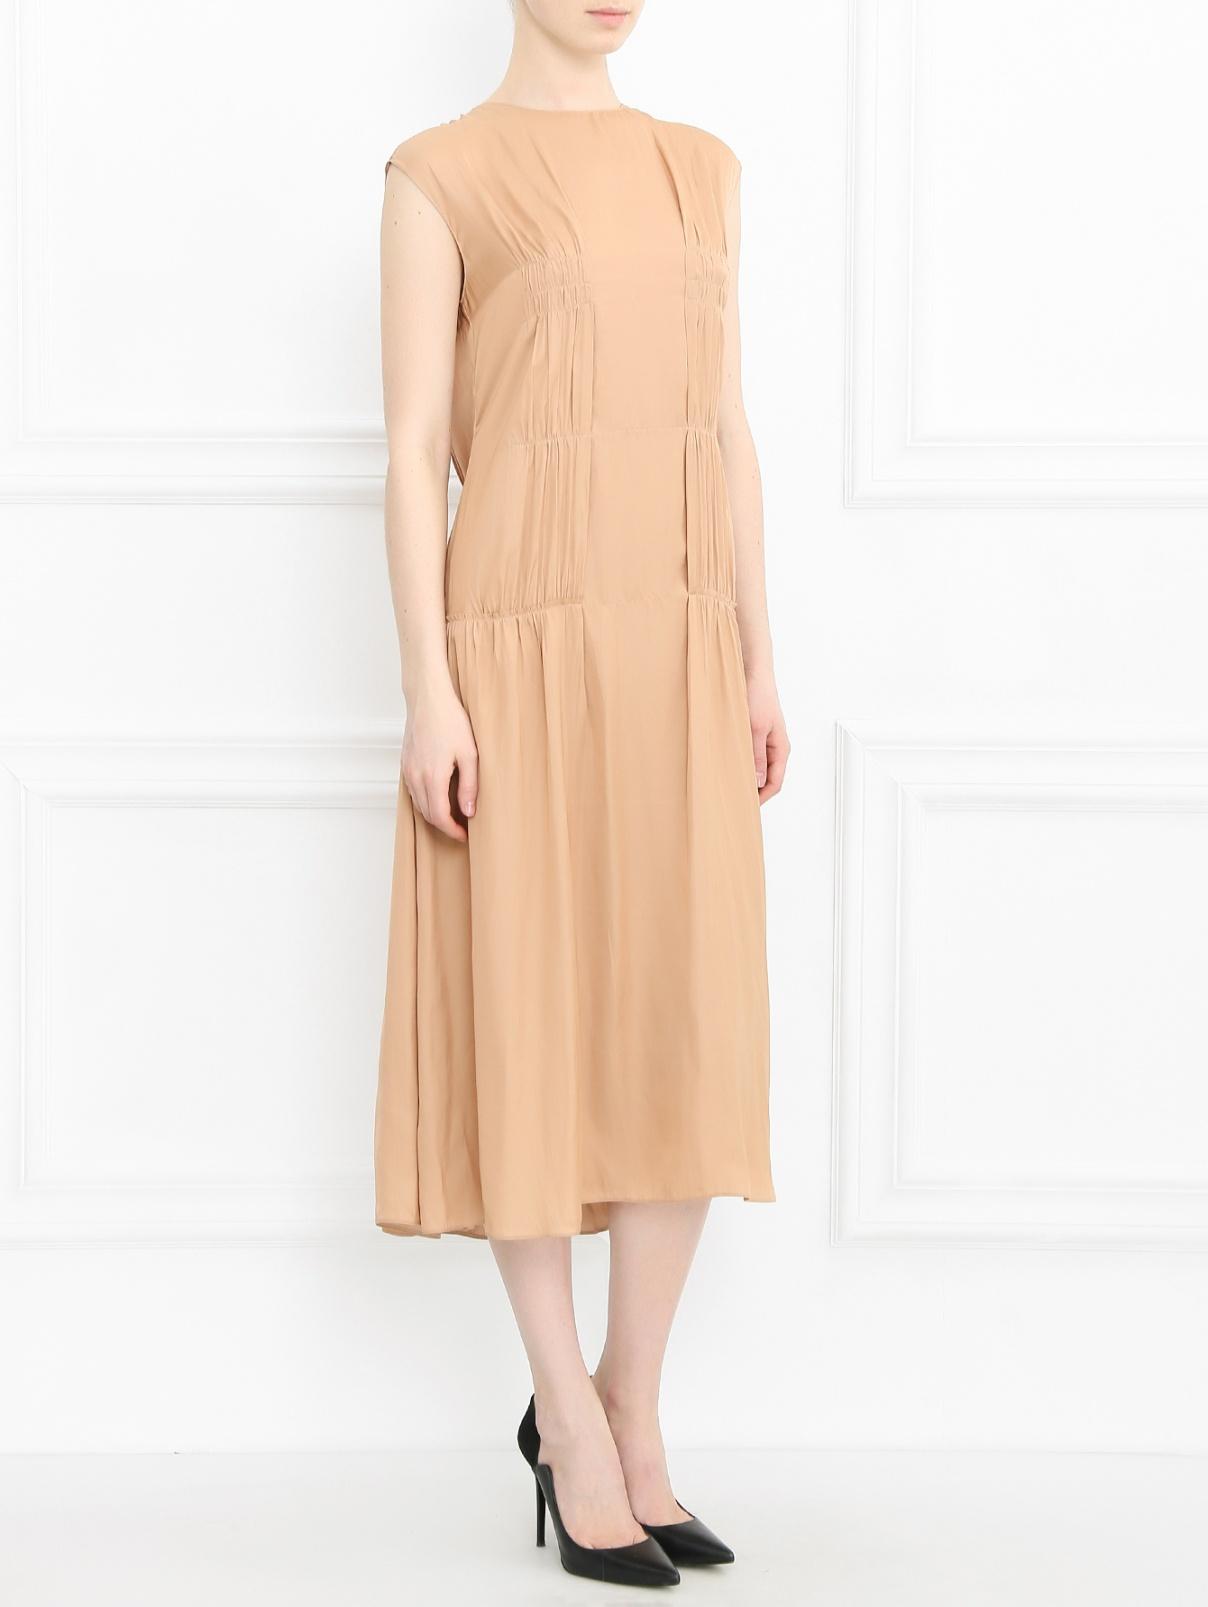 Платье-миди без рукавов Cedric Charlier  –  Модель Общий вид  – Цвет:  Бежевый